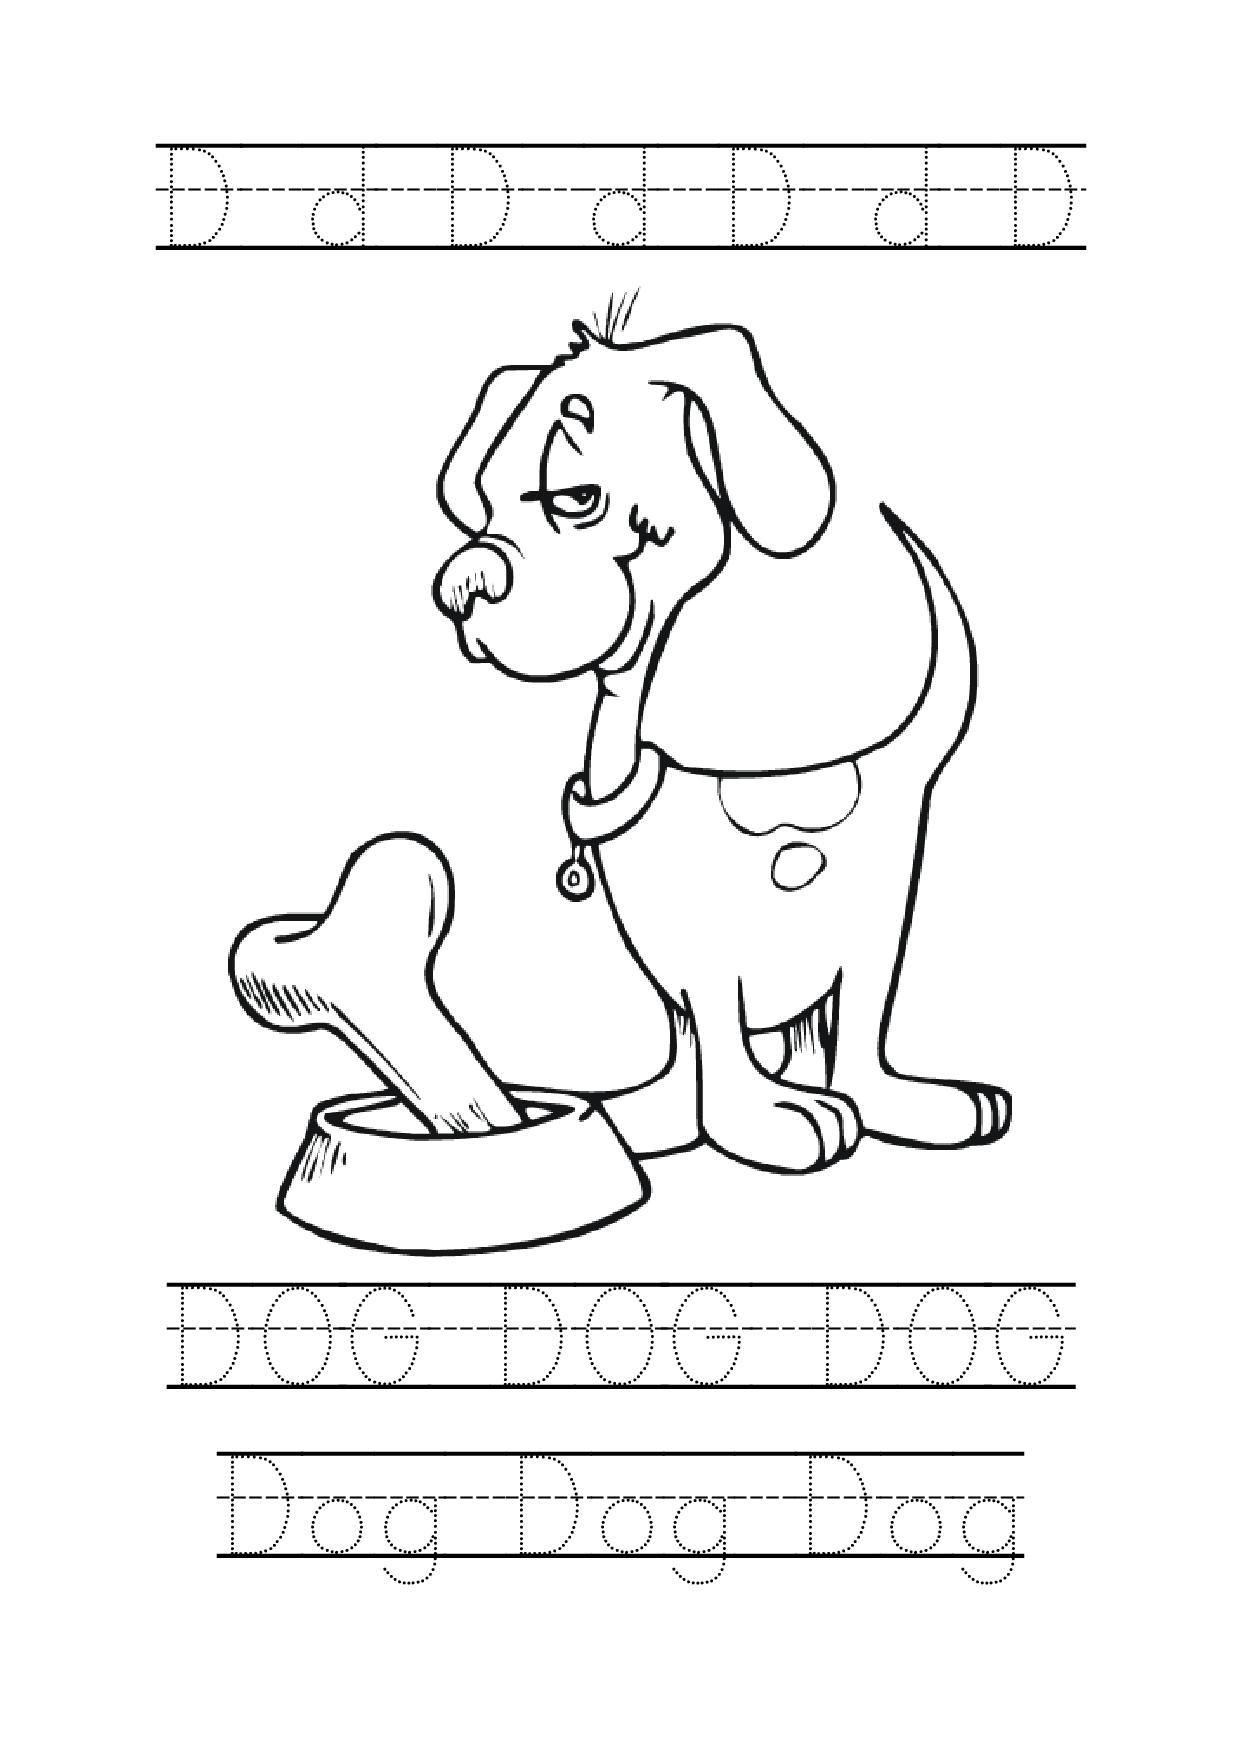 letter d tracing dog preschool worksheets crafts alphabet crafts preschool worksheets. Black Bedroom Furniture Sets. Home Design Ideas